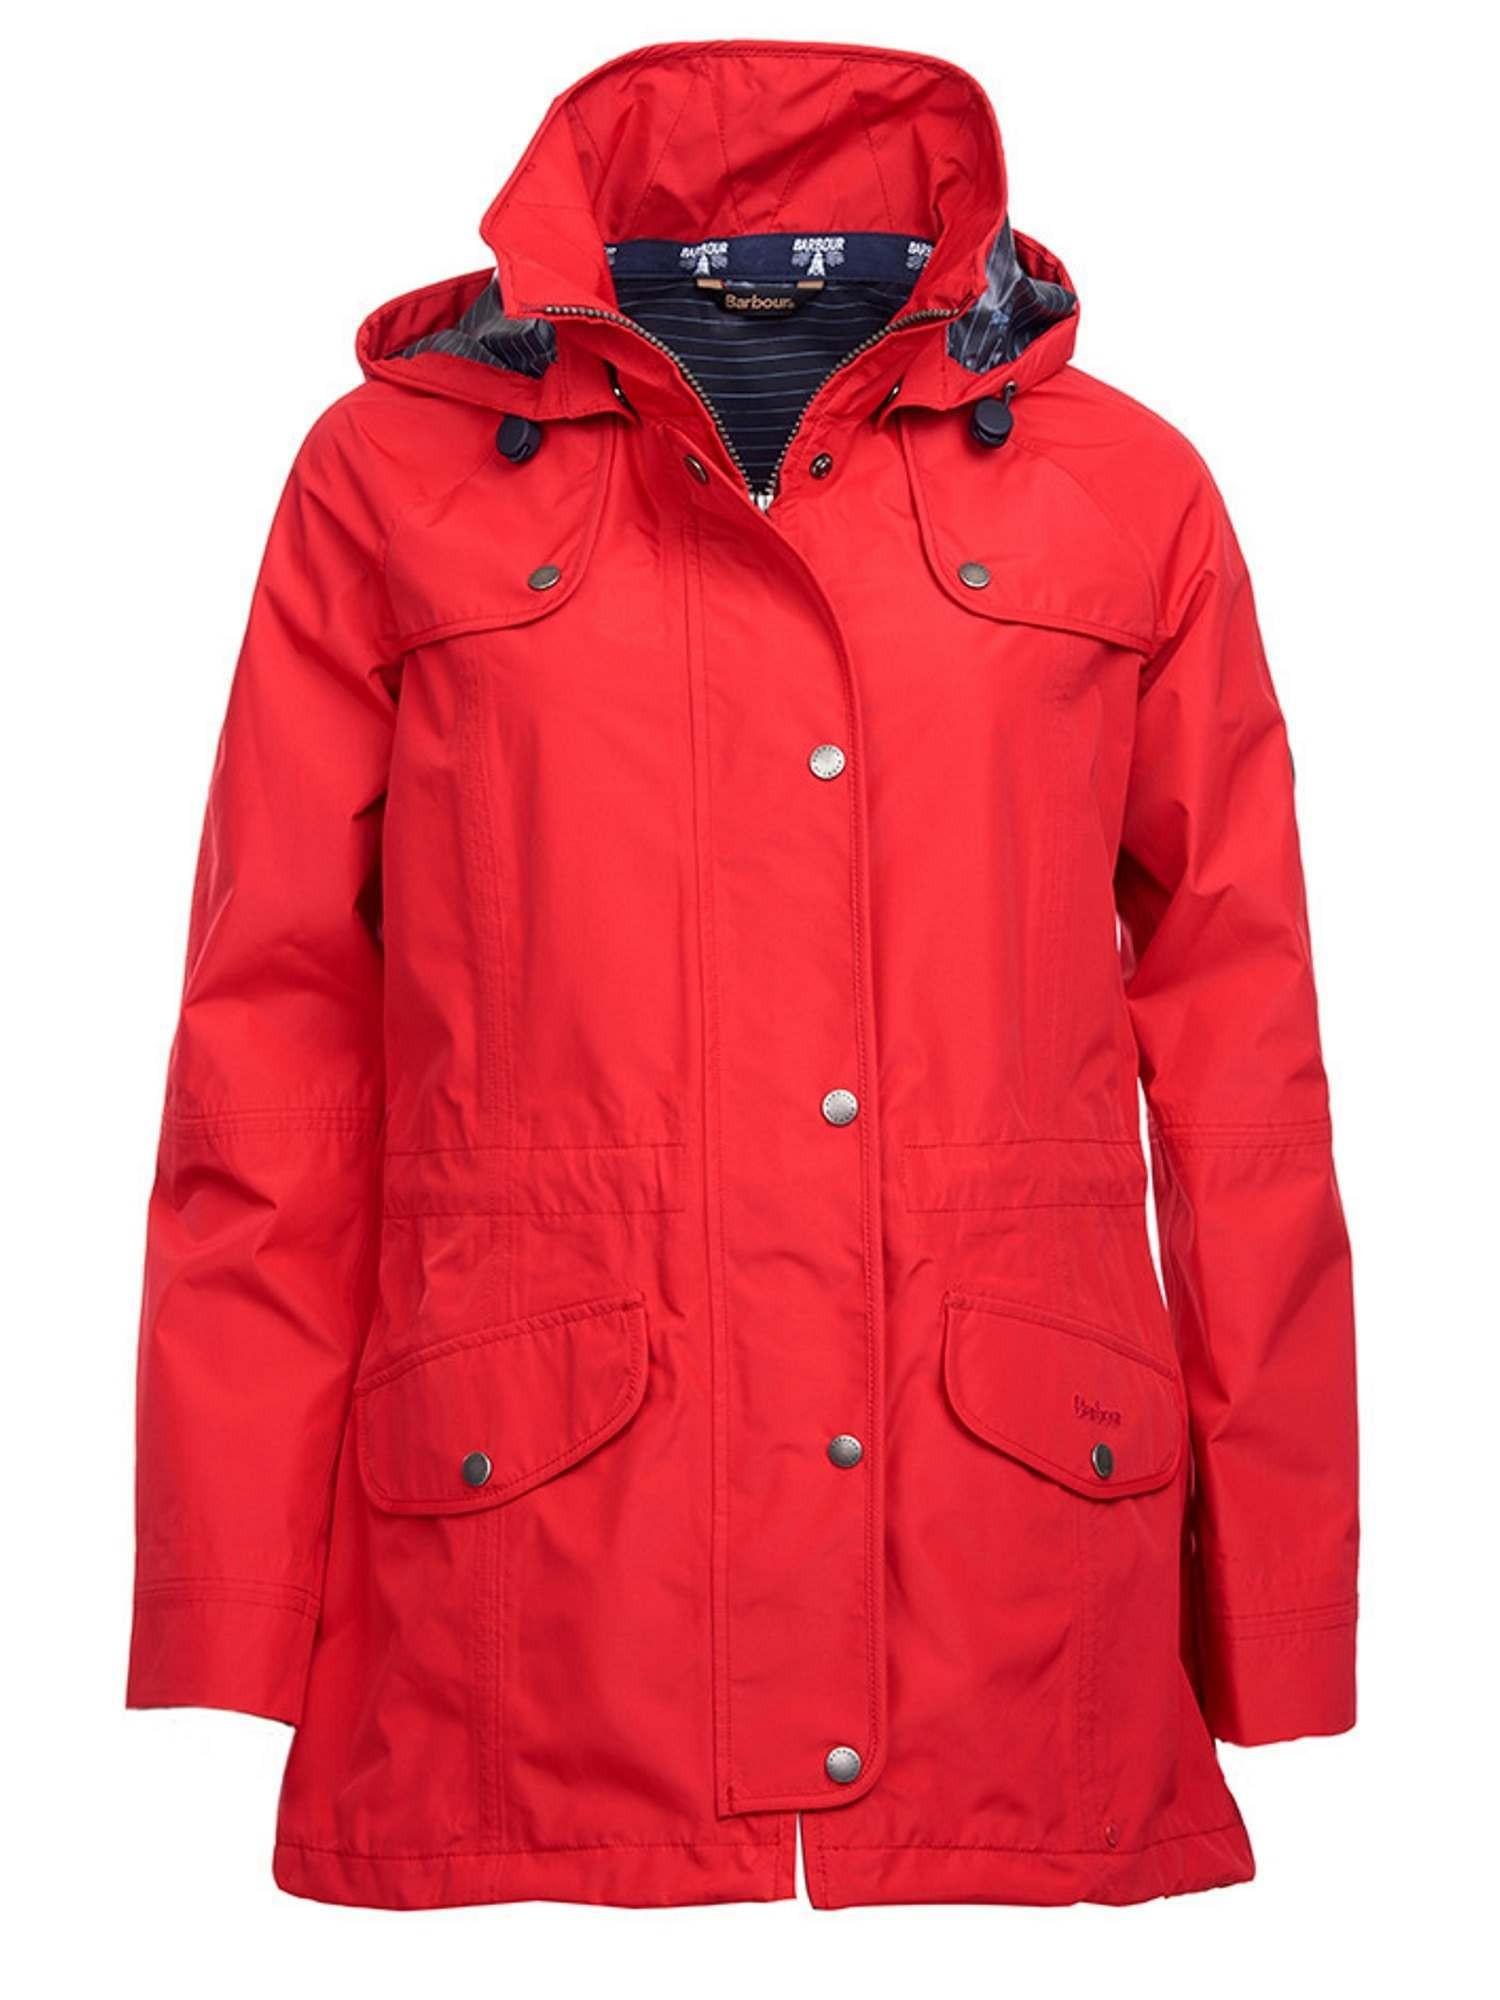 Barbour Ladies Trevose Waterproof Jacket Red